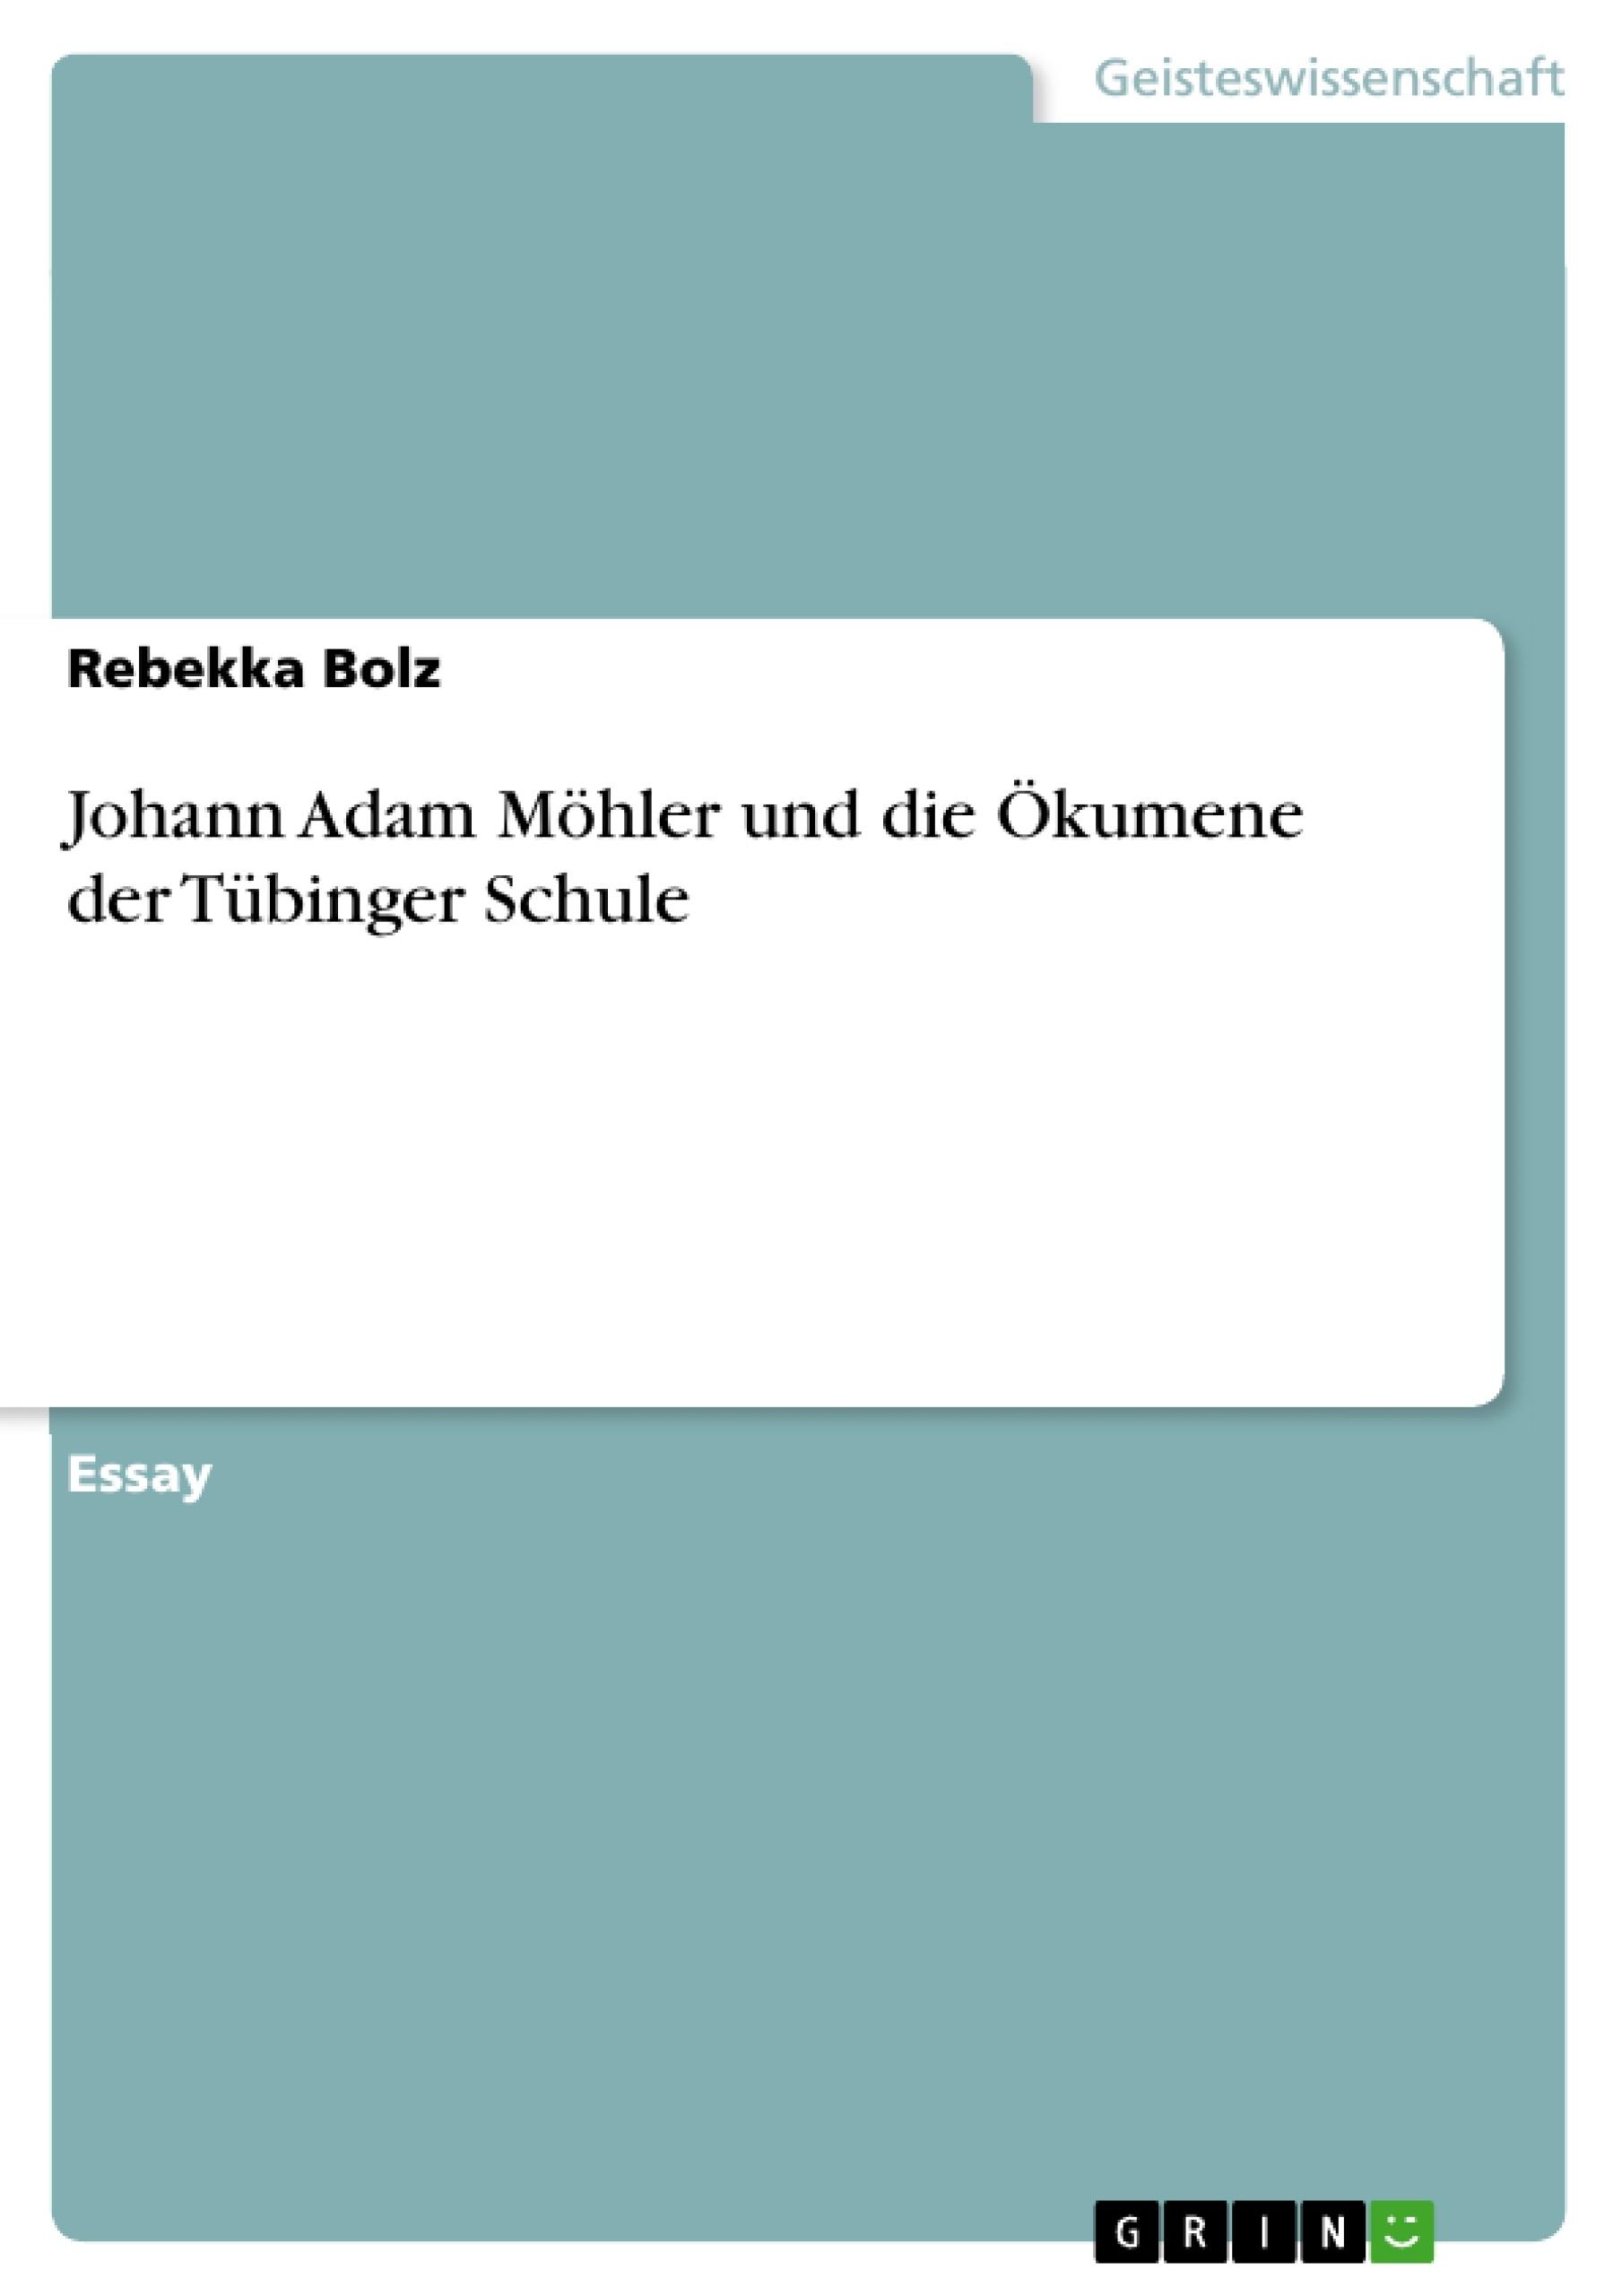 Titel: Johann Adam Möhler und die Ökumene der Tübinger Schule